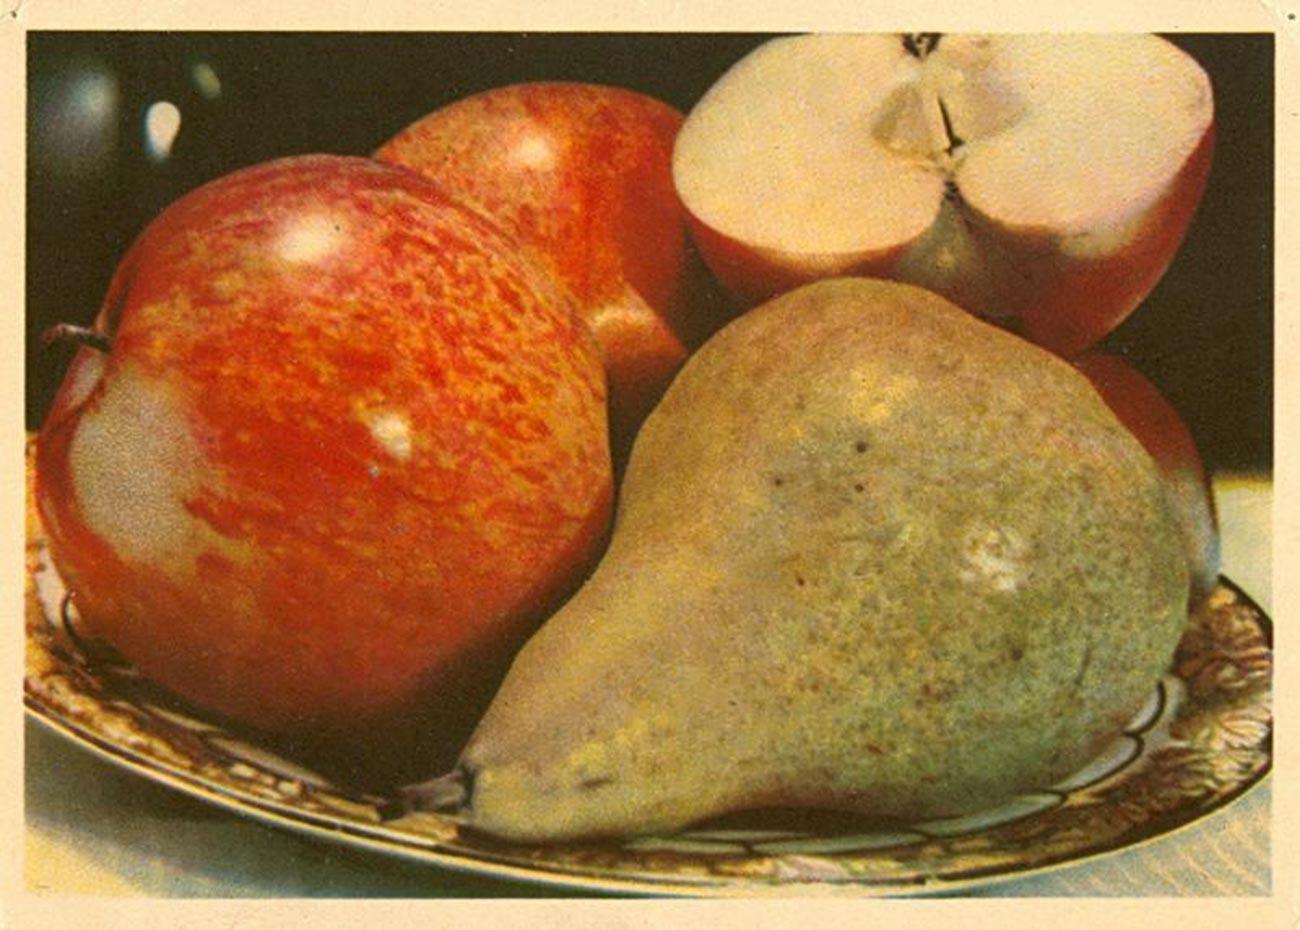 Des fruits, base d'une santé de fer (1949)